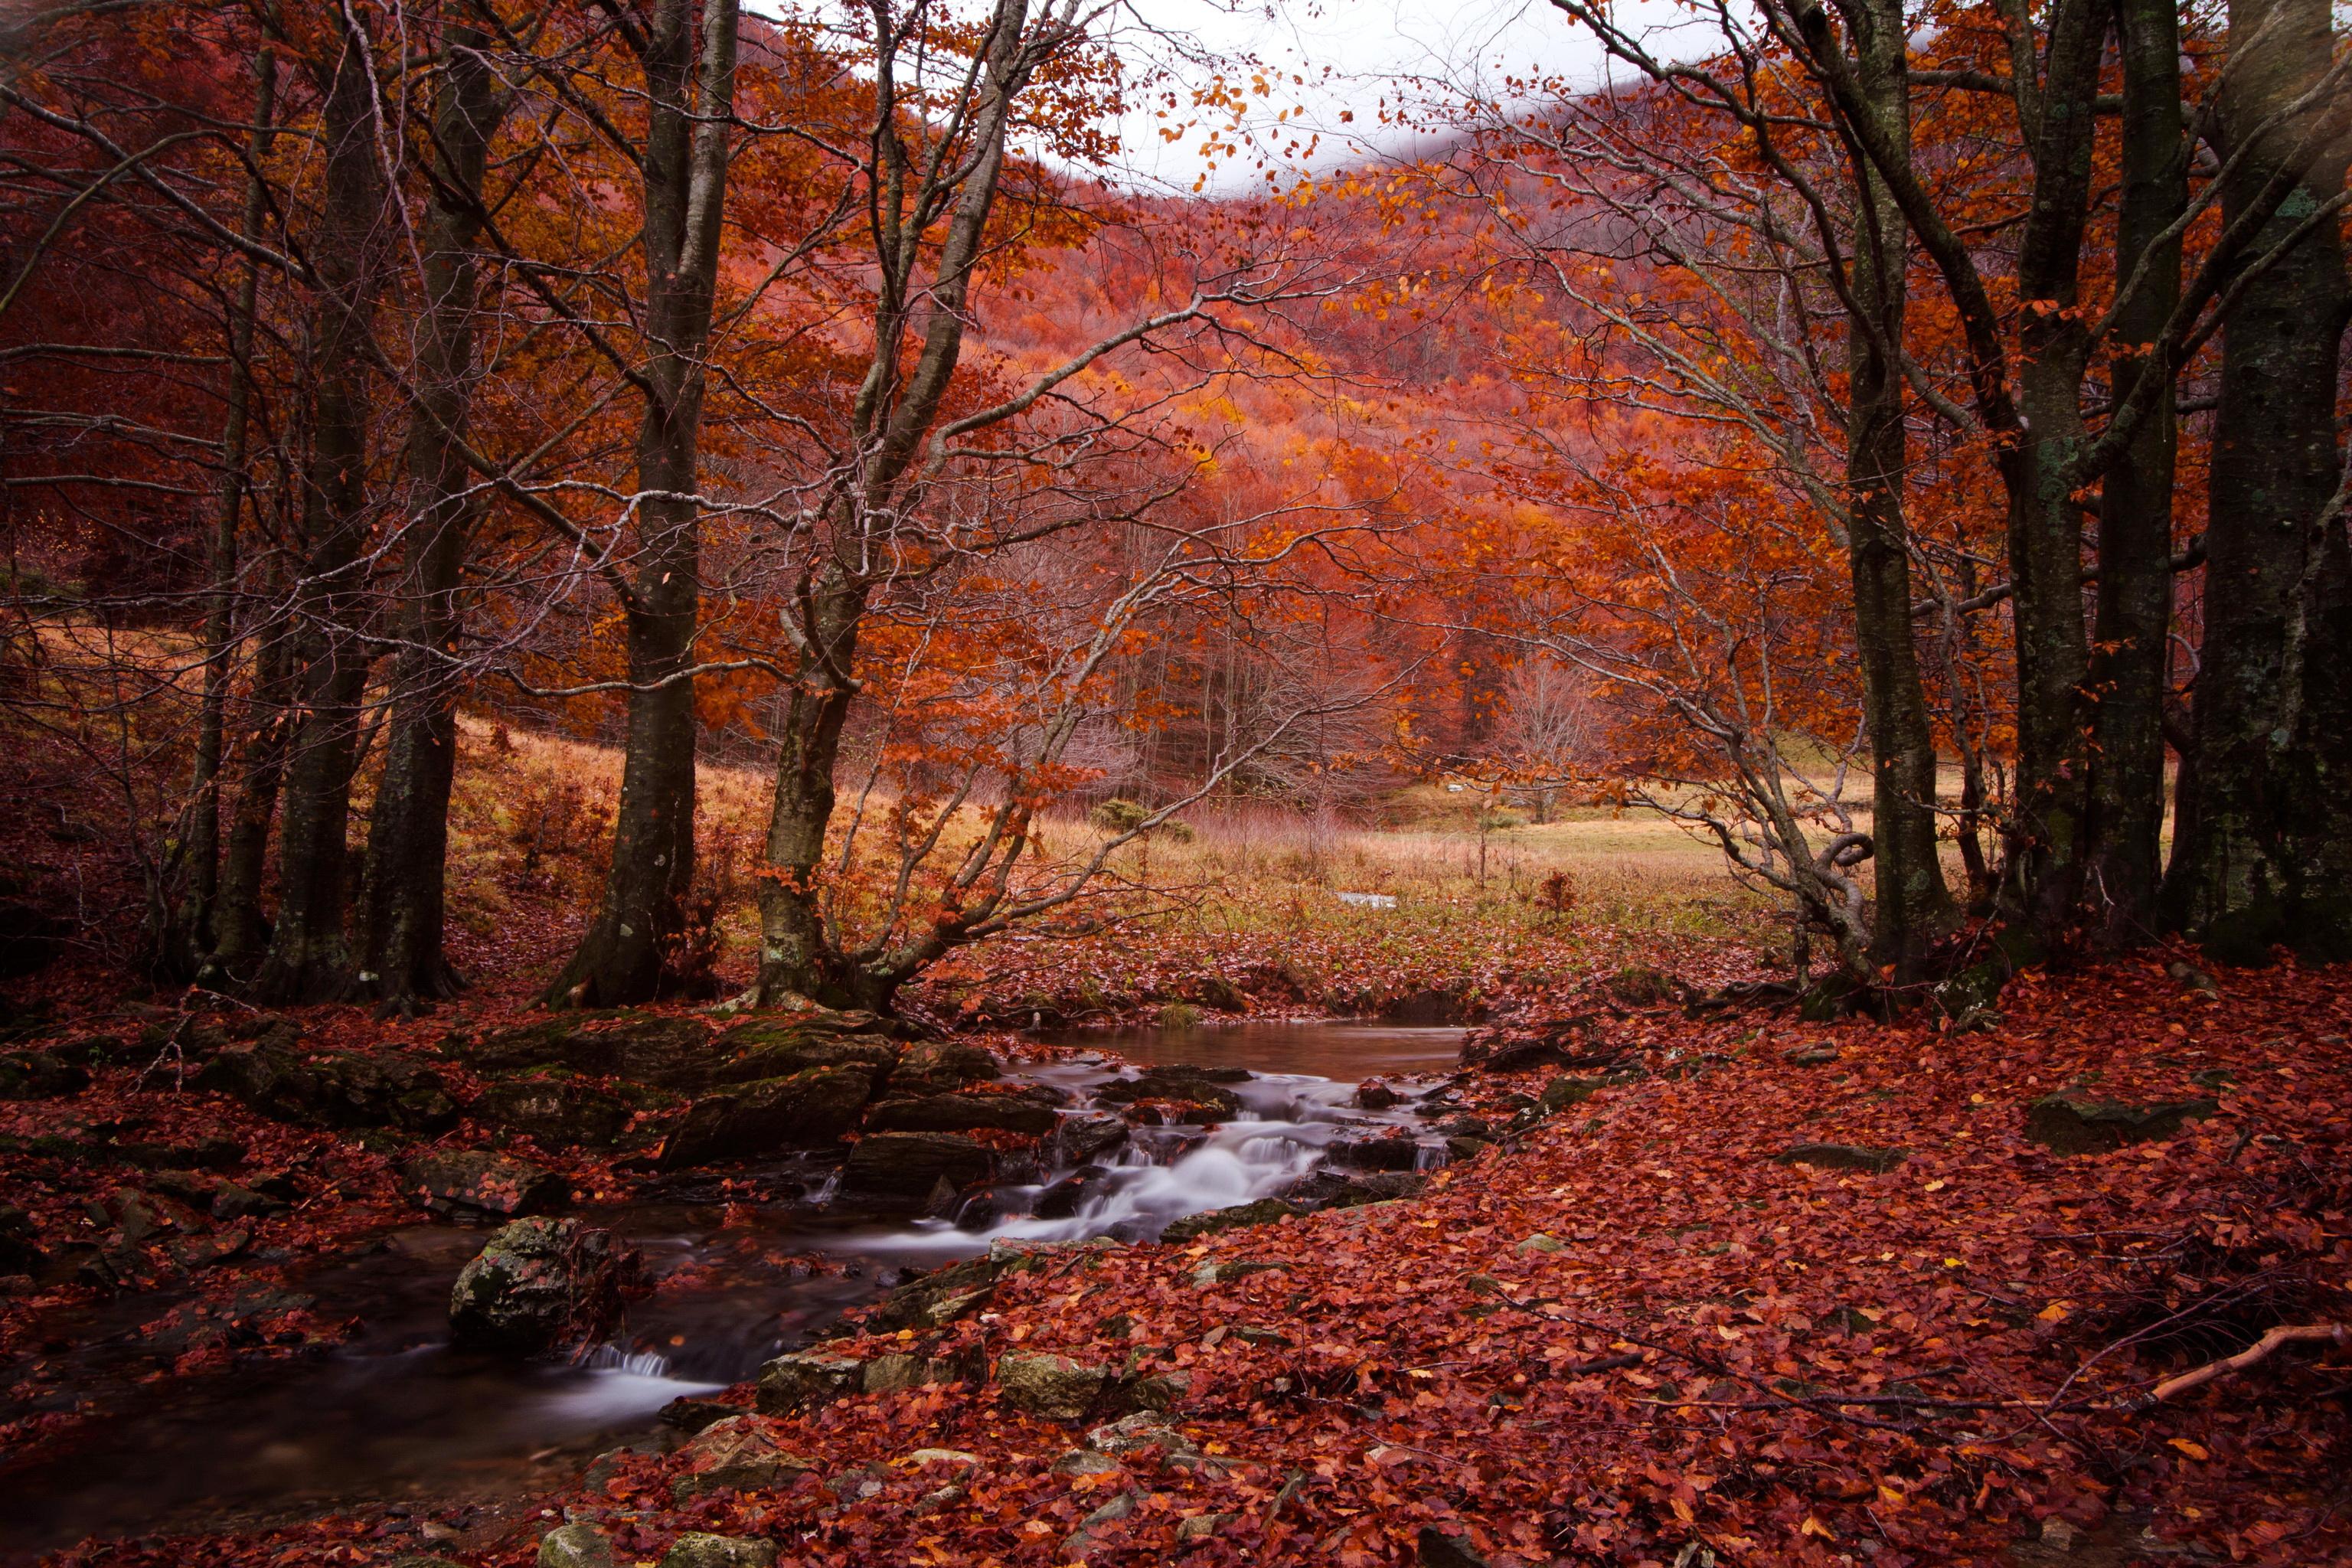 природа река листья осень лес деревья скачать